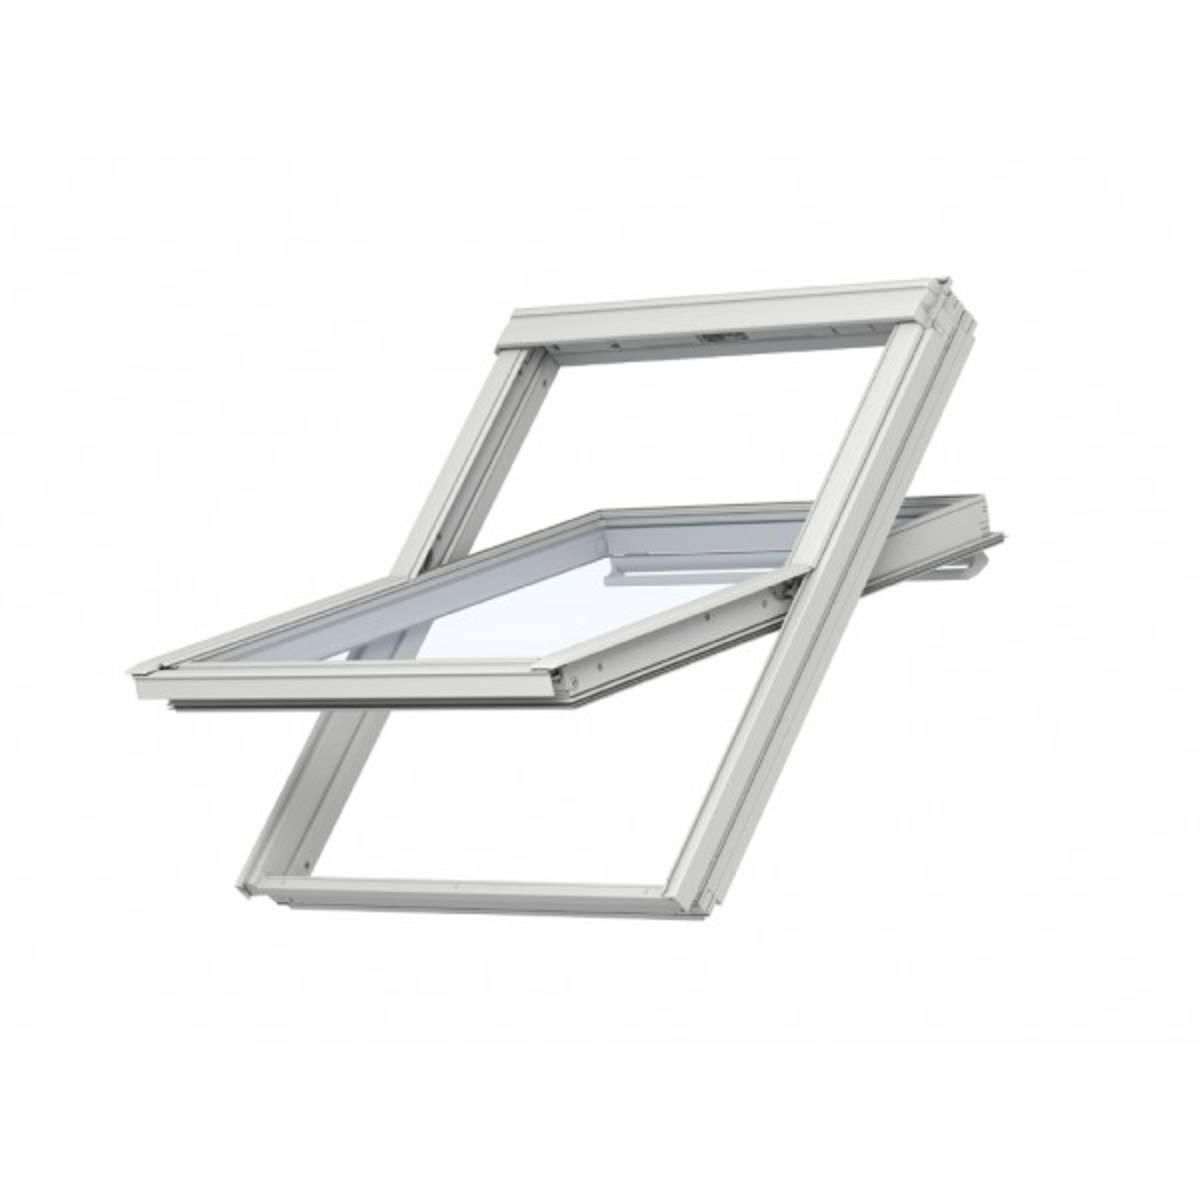 Fenêtre à rotation Confort (finition blanche) CK02 55x78 cm  - GGU 0076